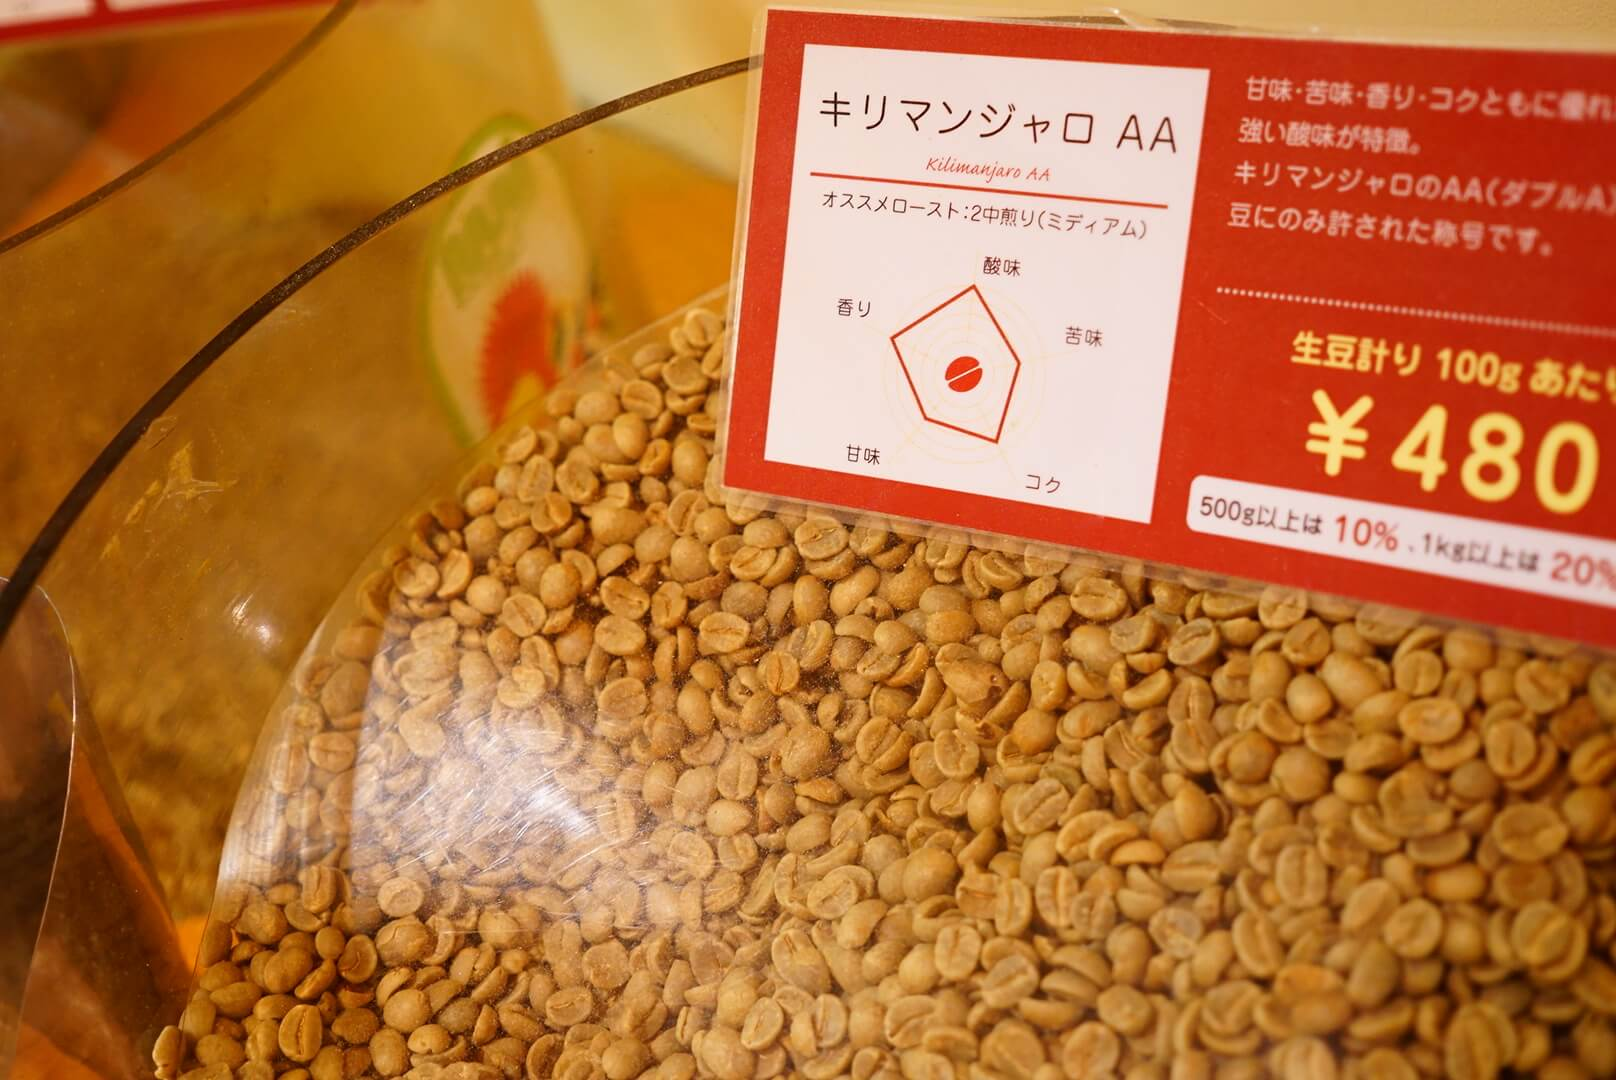 キリマンジャロコーヒーの生豆